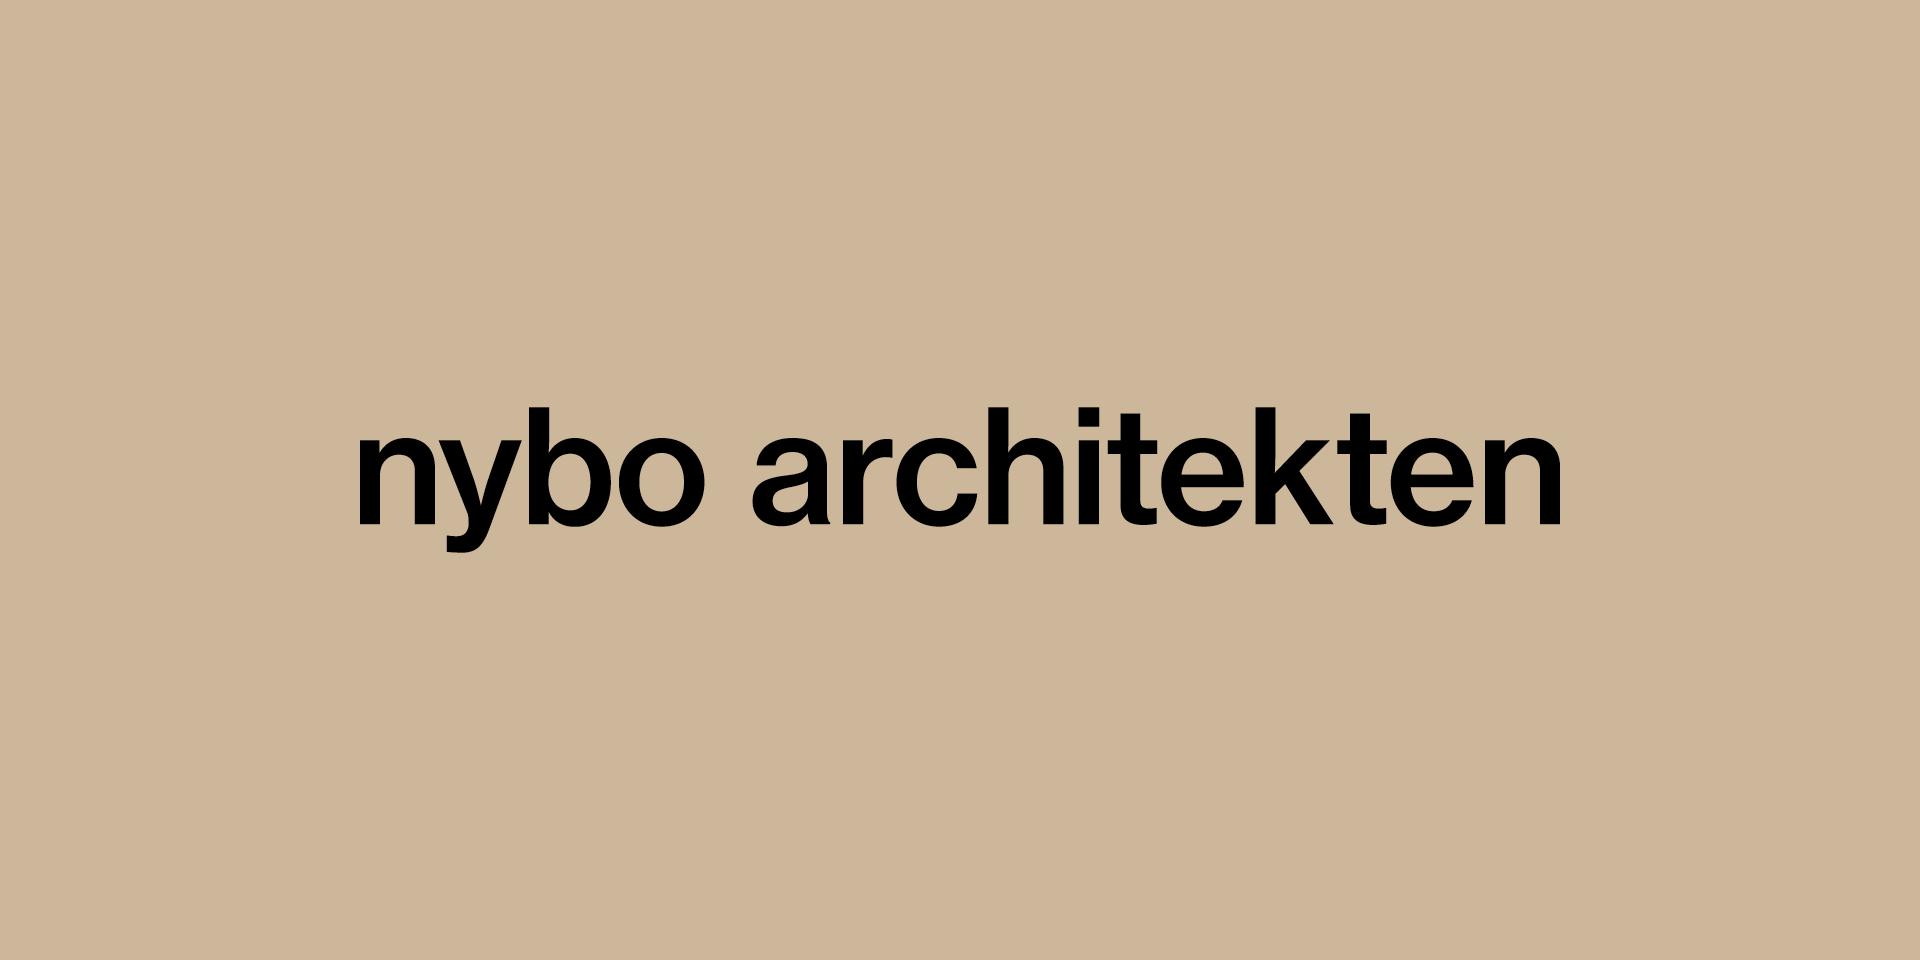 Name des Büros nybo Architekten auf beigem Hiintergrund